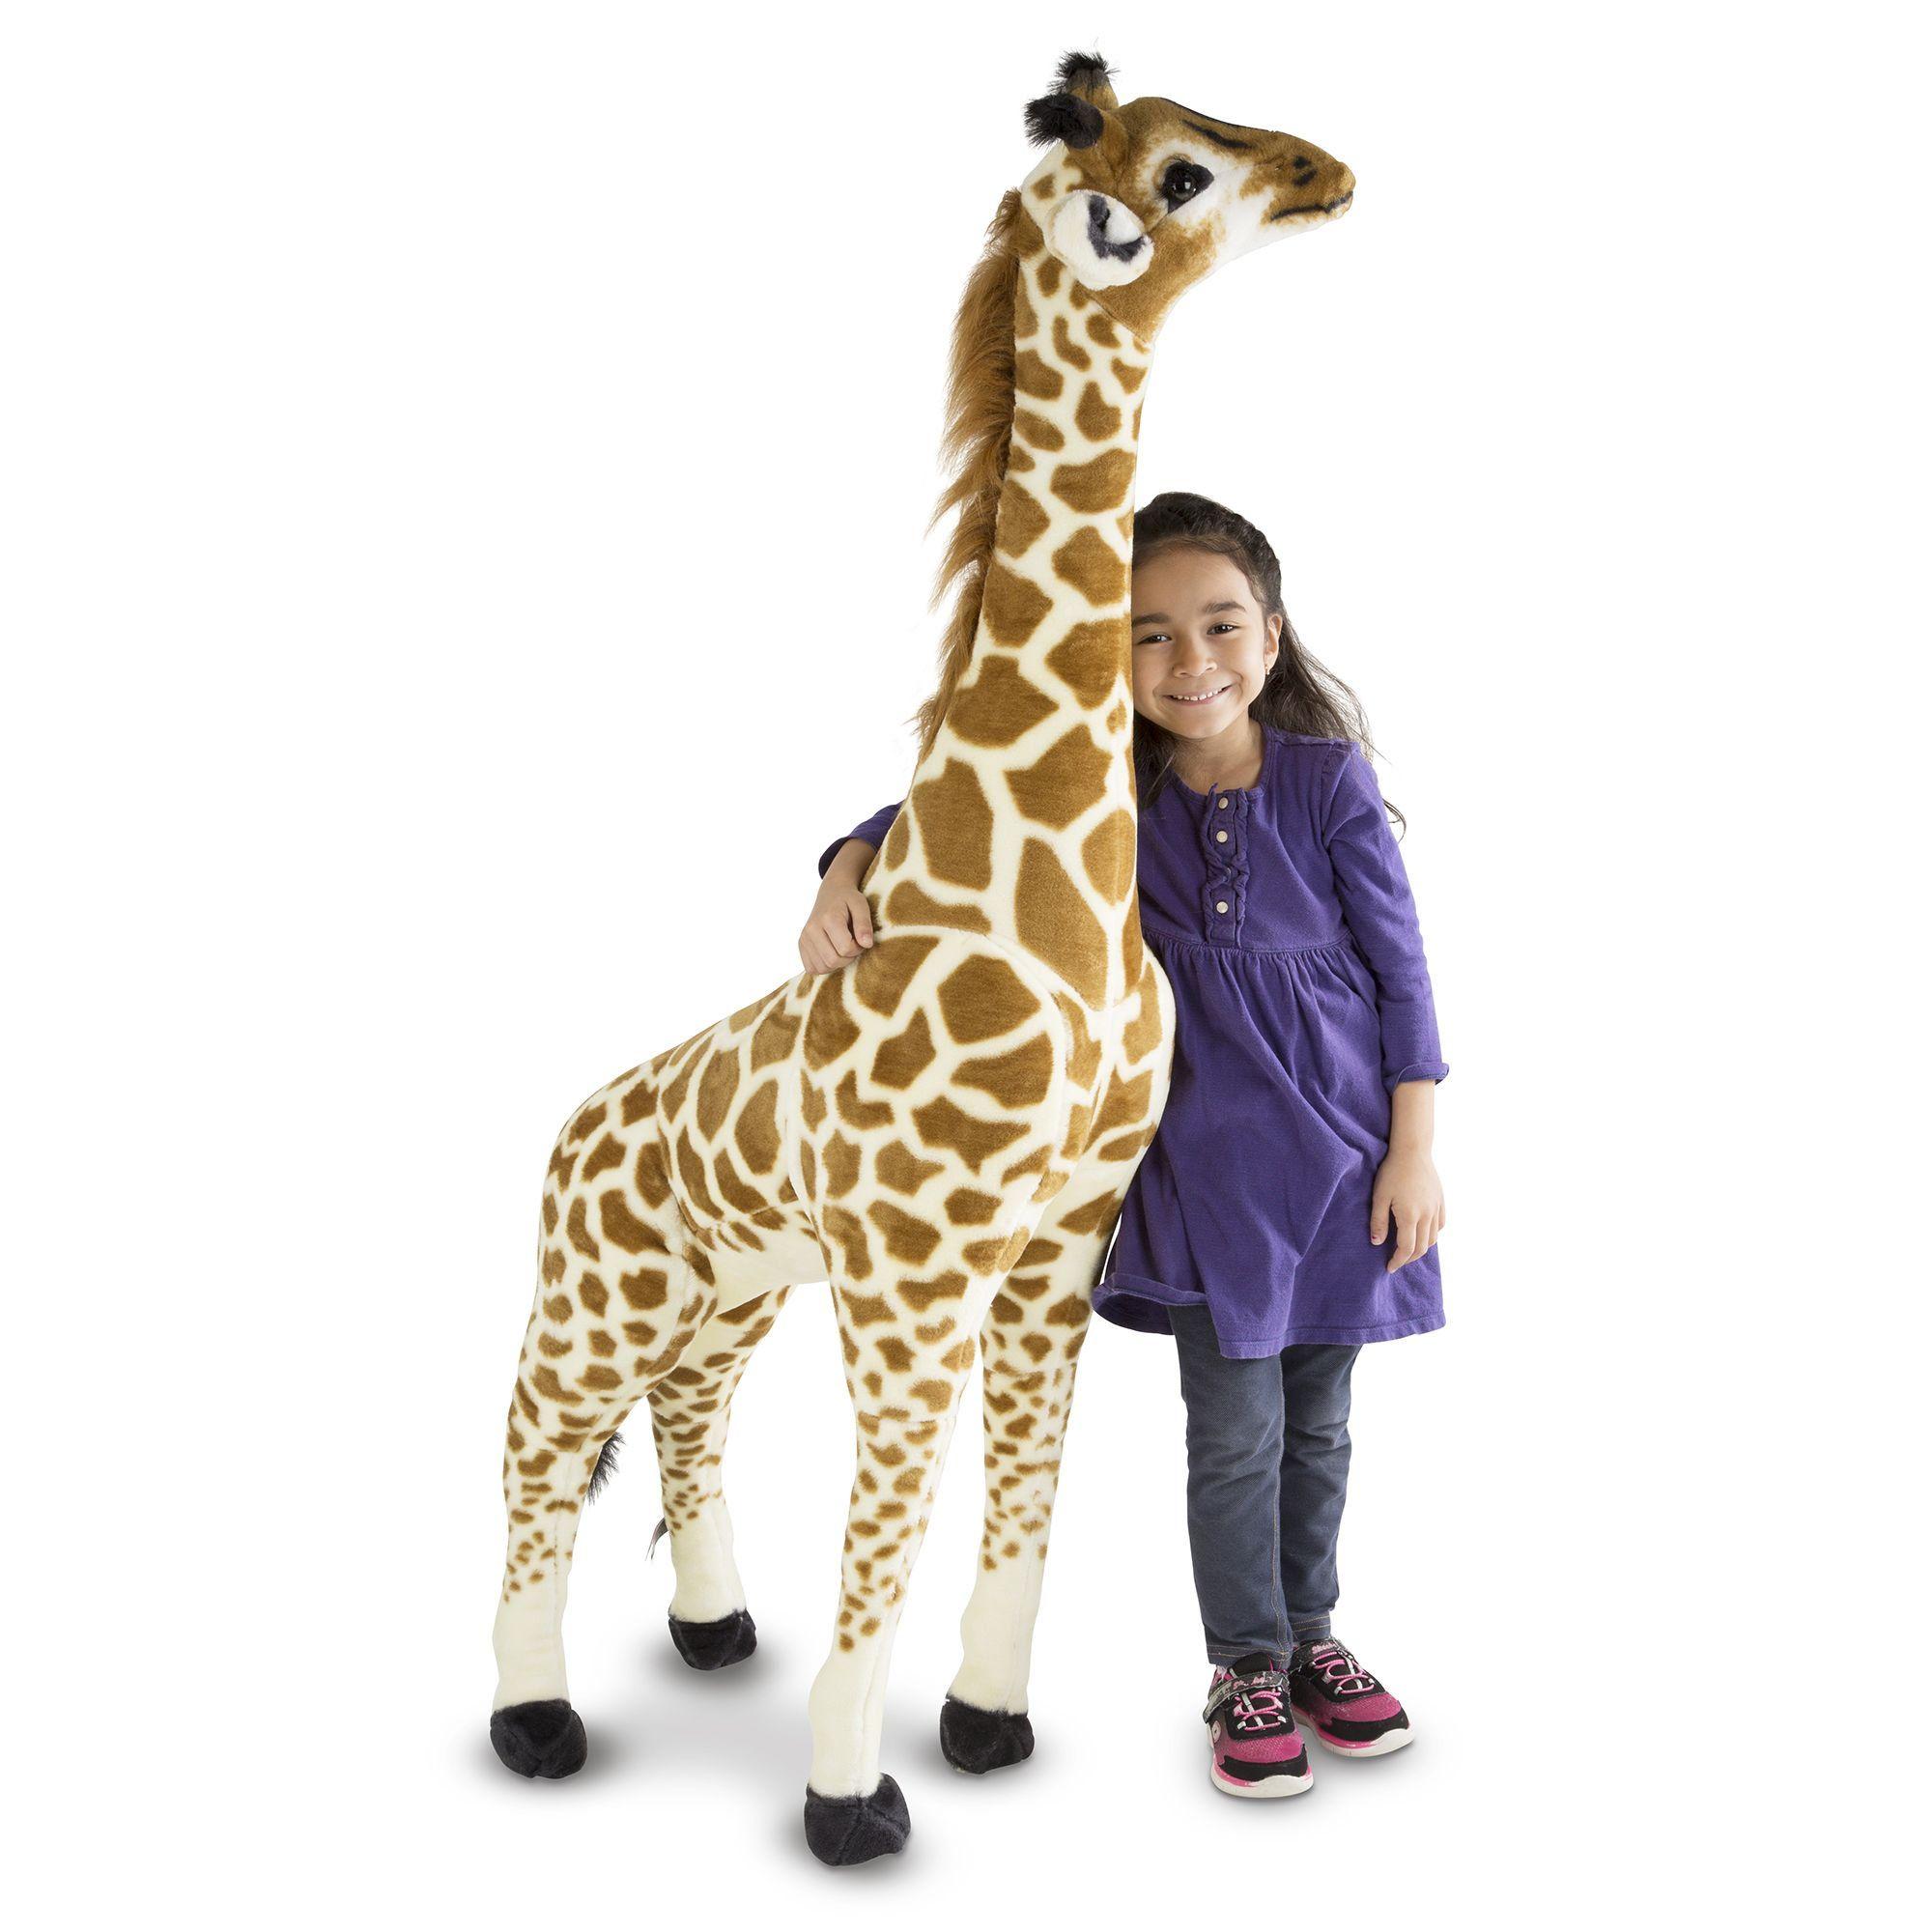 Melissa Doug Large Giraffe Walmart Com Giant Stuffed Animals Giraffe Stuffed Animal Giant Giraffe Stuffed Animal [ 2000 x 2000 Pixel ]